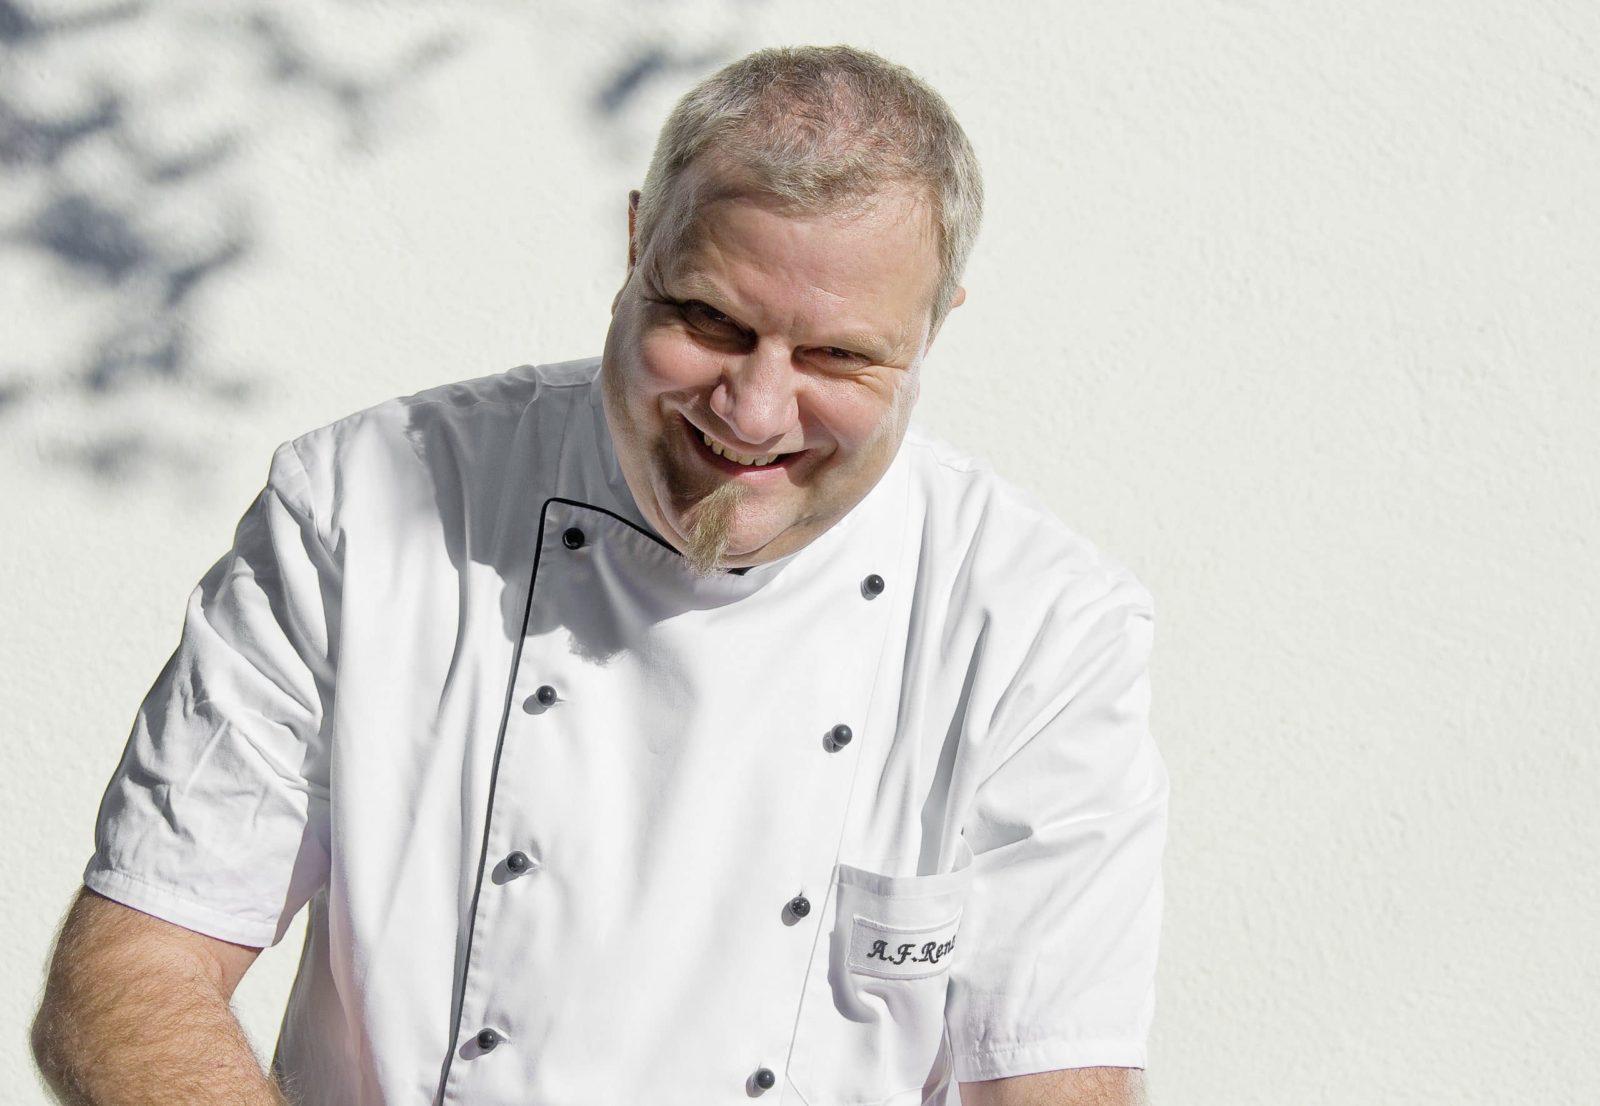 green chefs - seite 2 von 27 - fairness & verantwortung in der